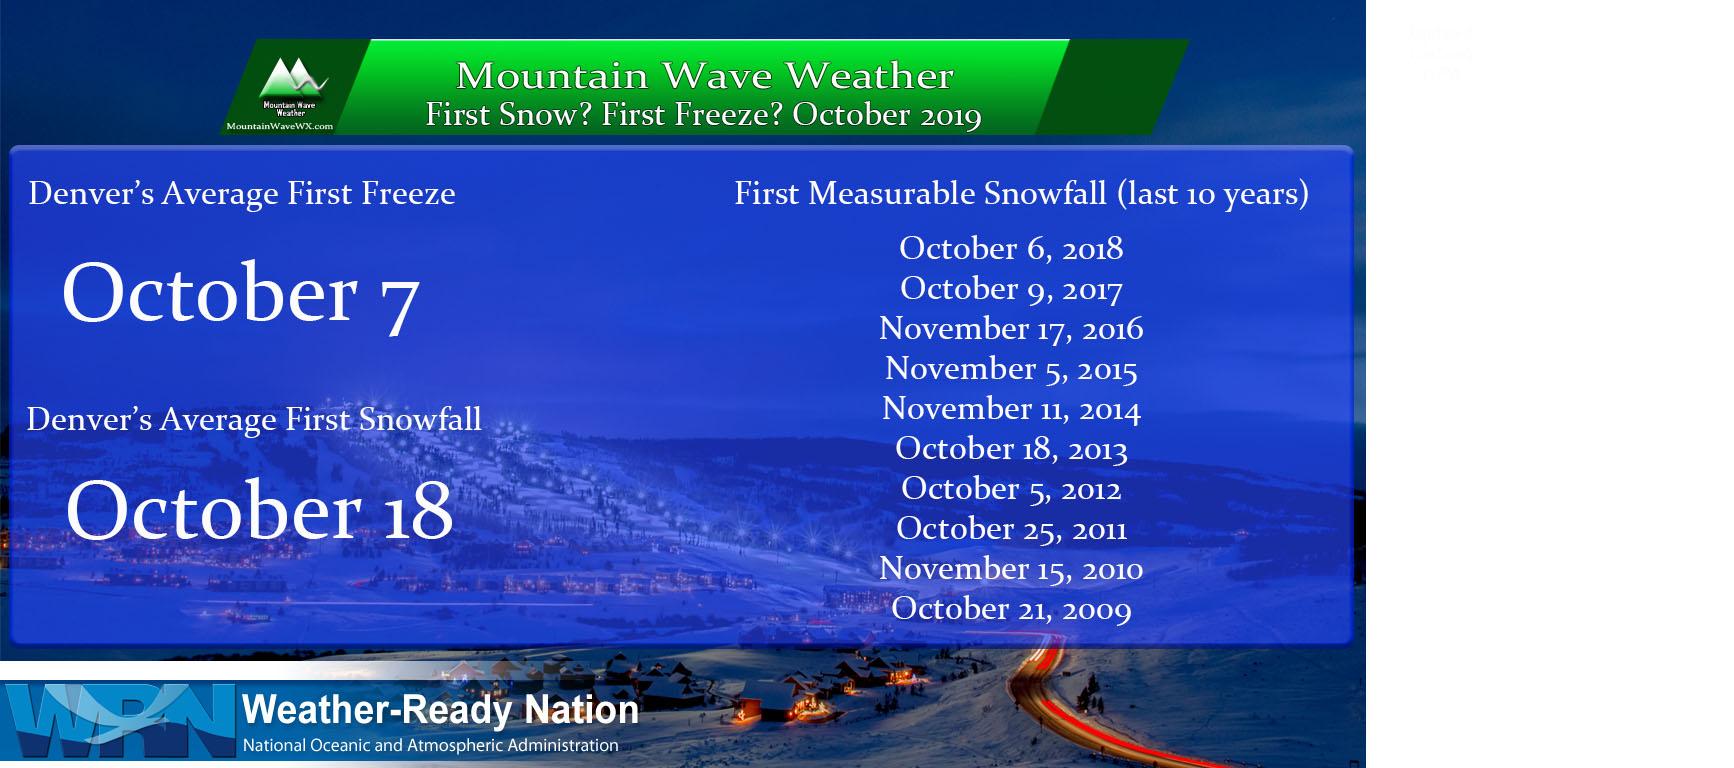 First Snow, First Freeze Next Week? – 10/5/2019 Update